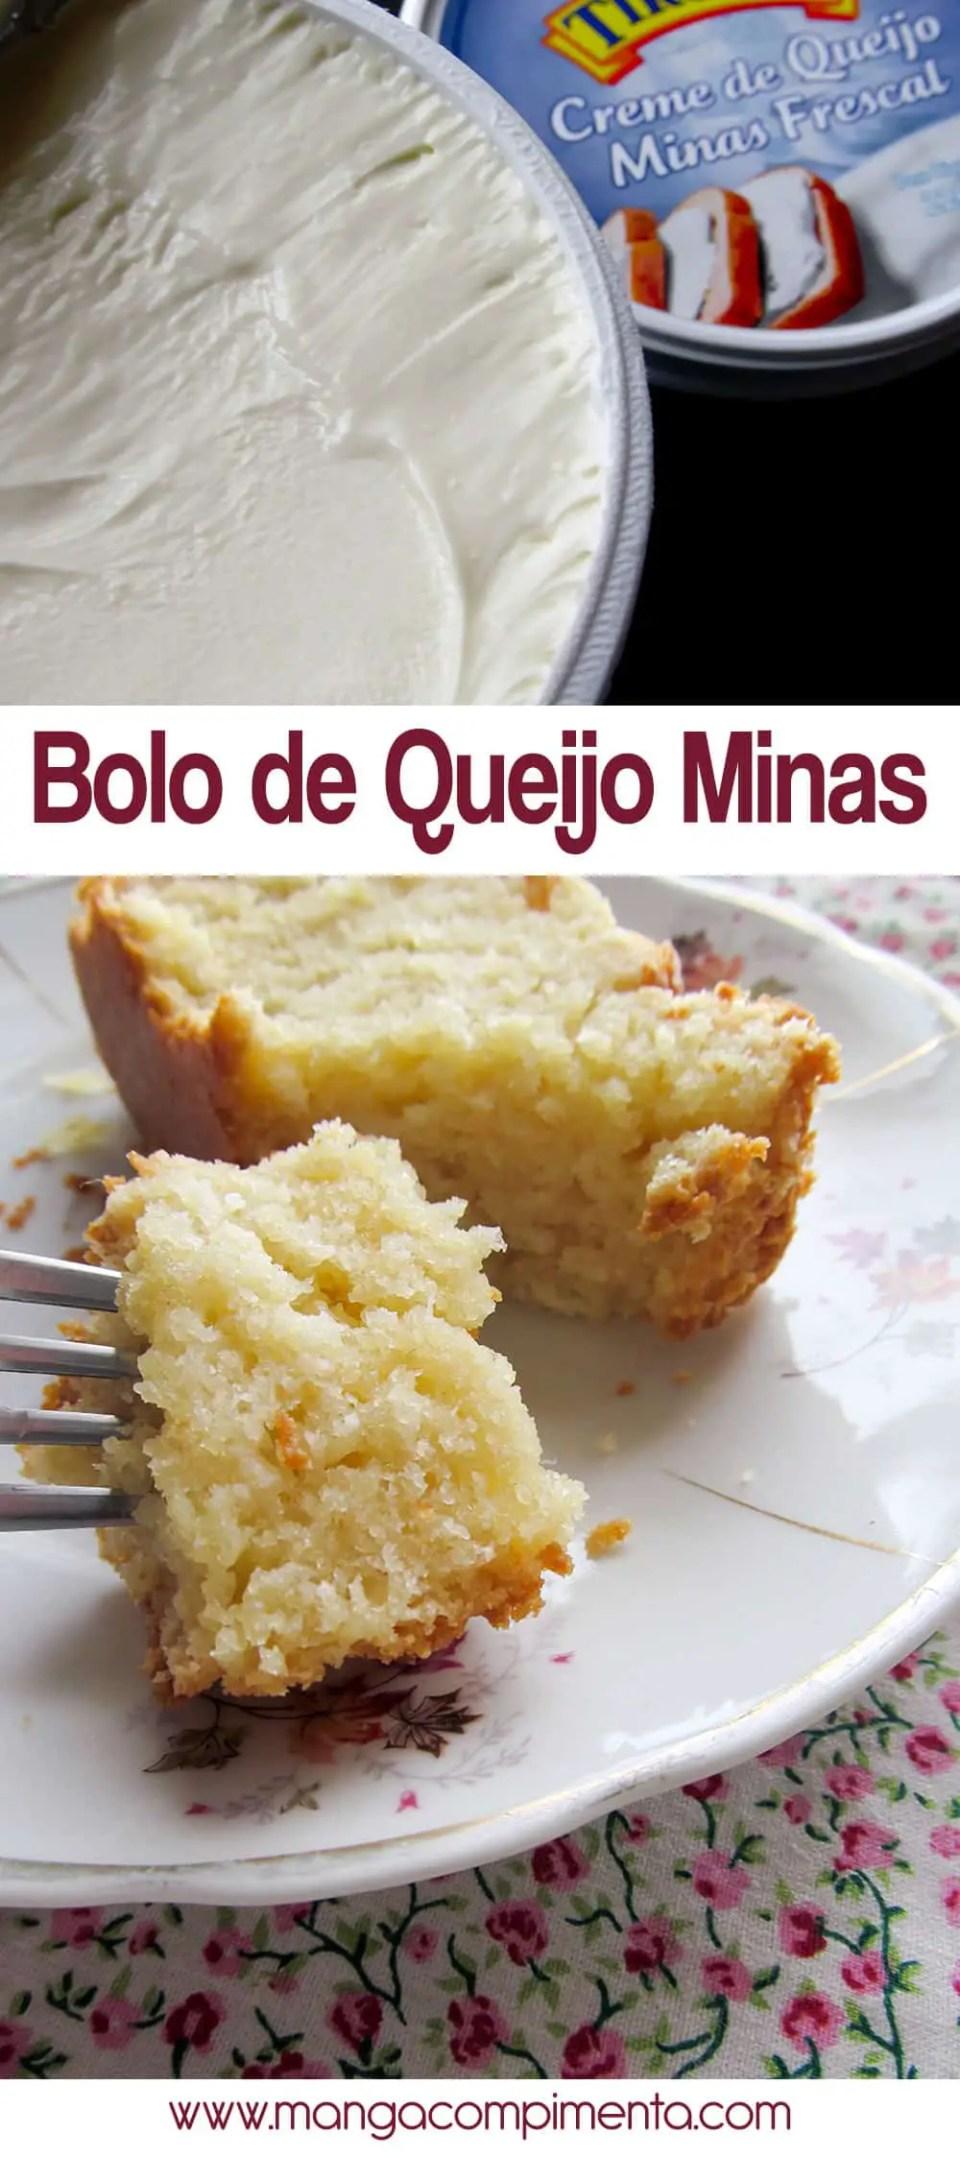 Bolo de Queijo Minas - Para o chá da tarde!